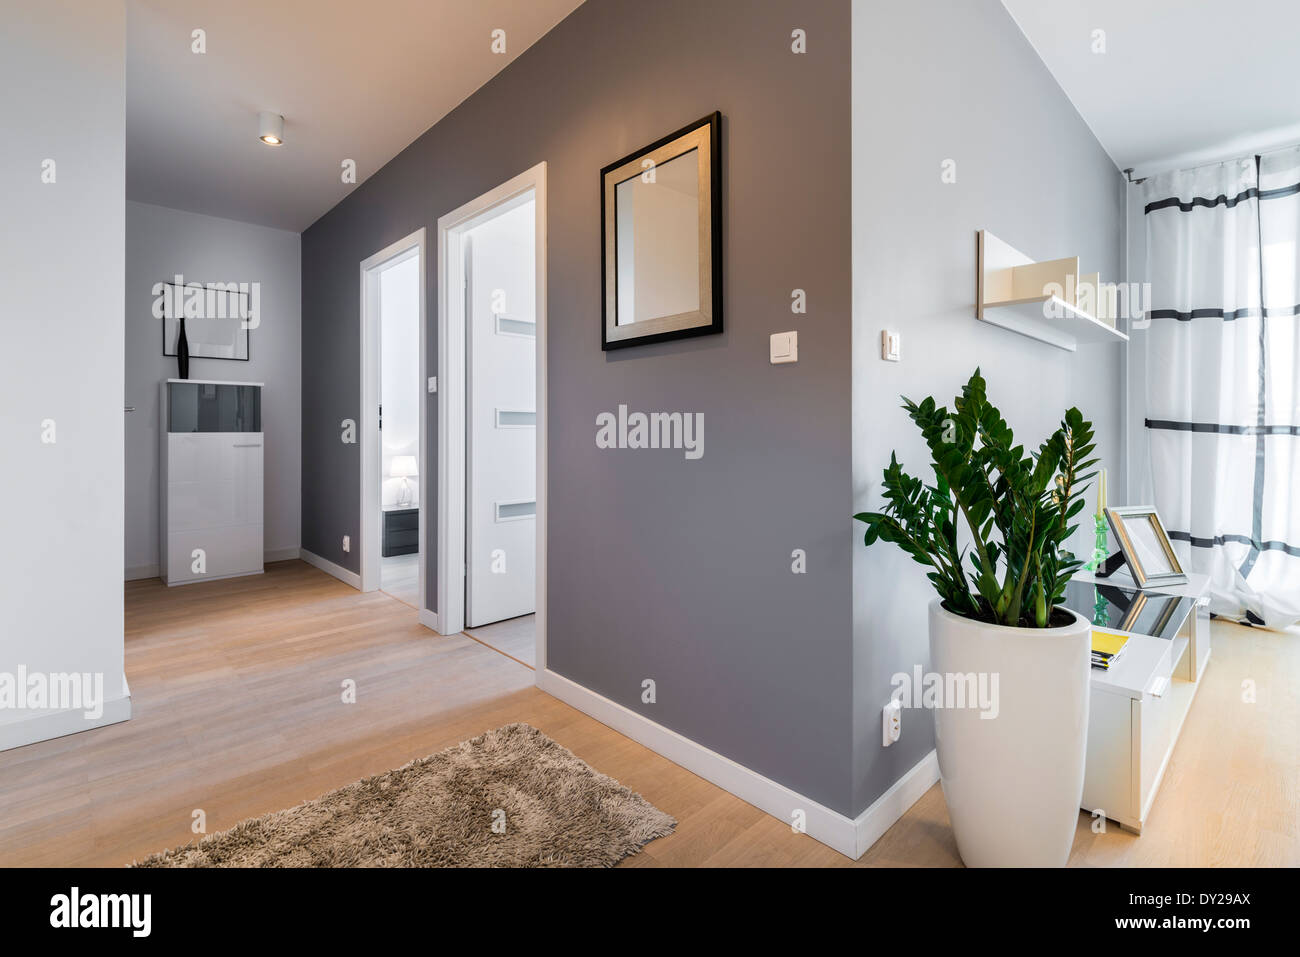 Pareti Grigie Salotto : Corridoio e soggiorno in appartamento moderno con pareti grigie foto